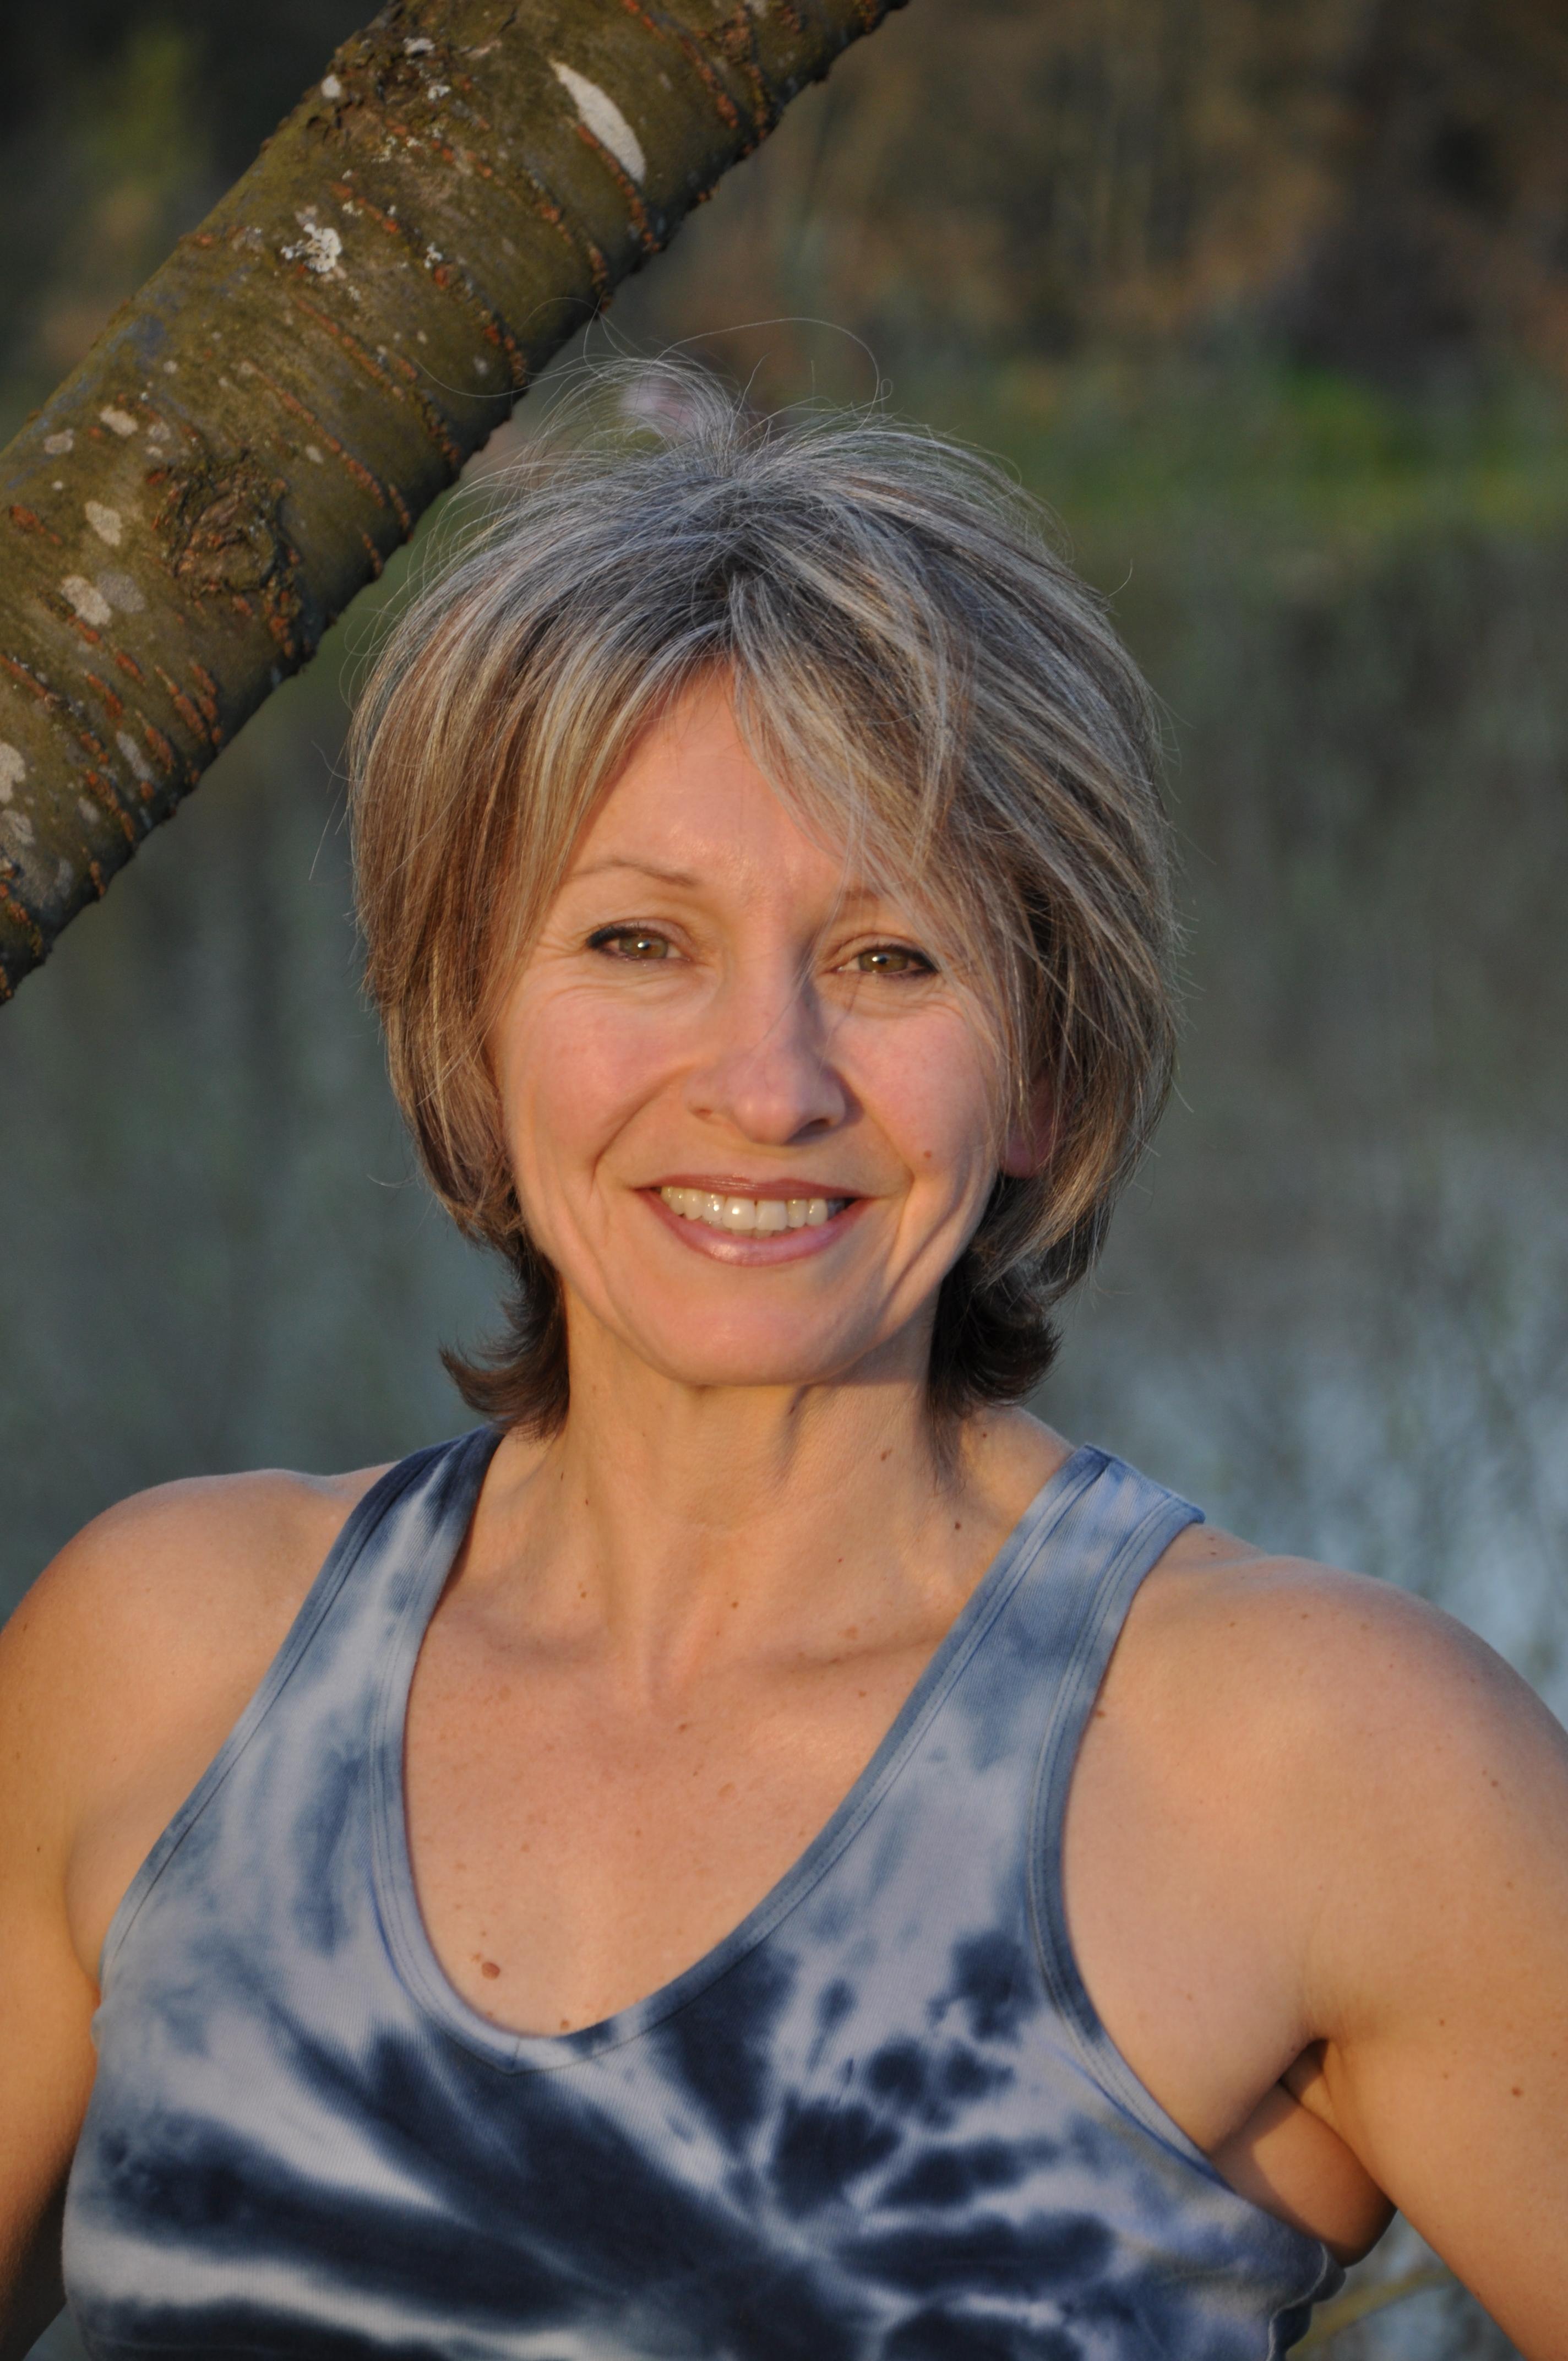 Denise Romary